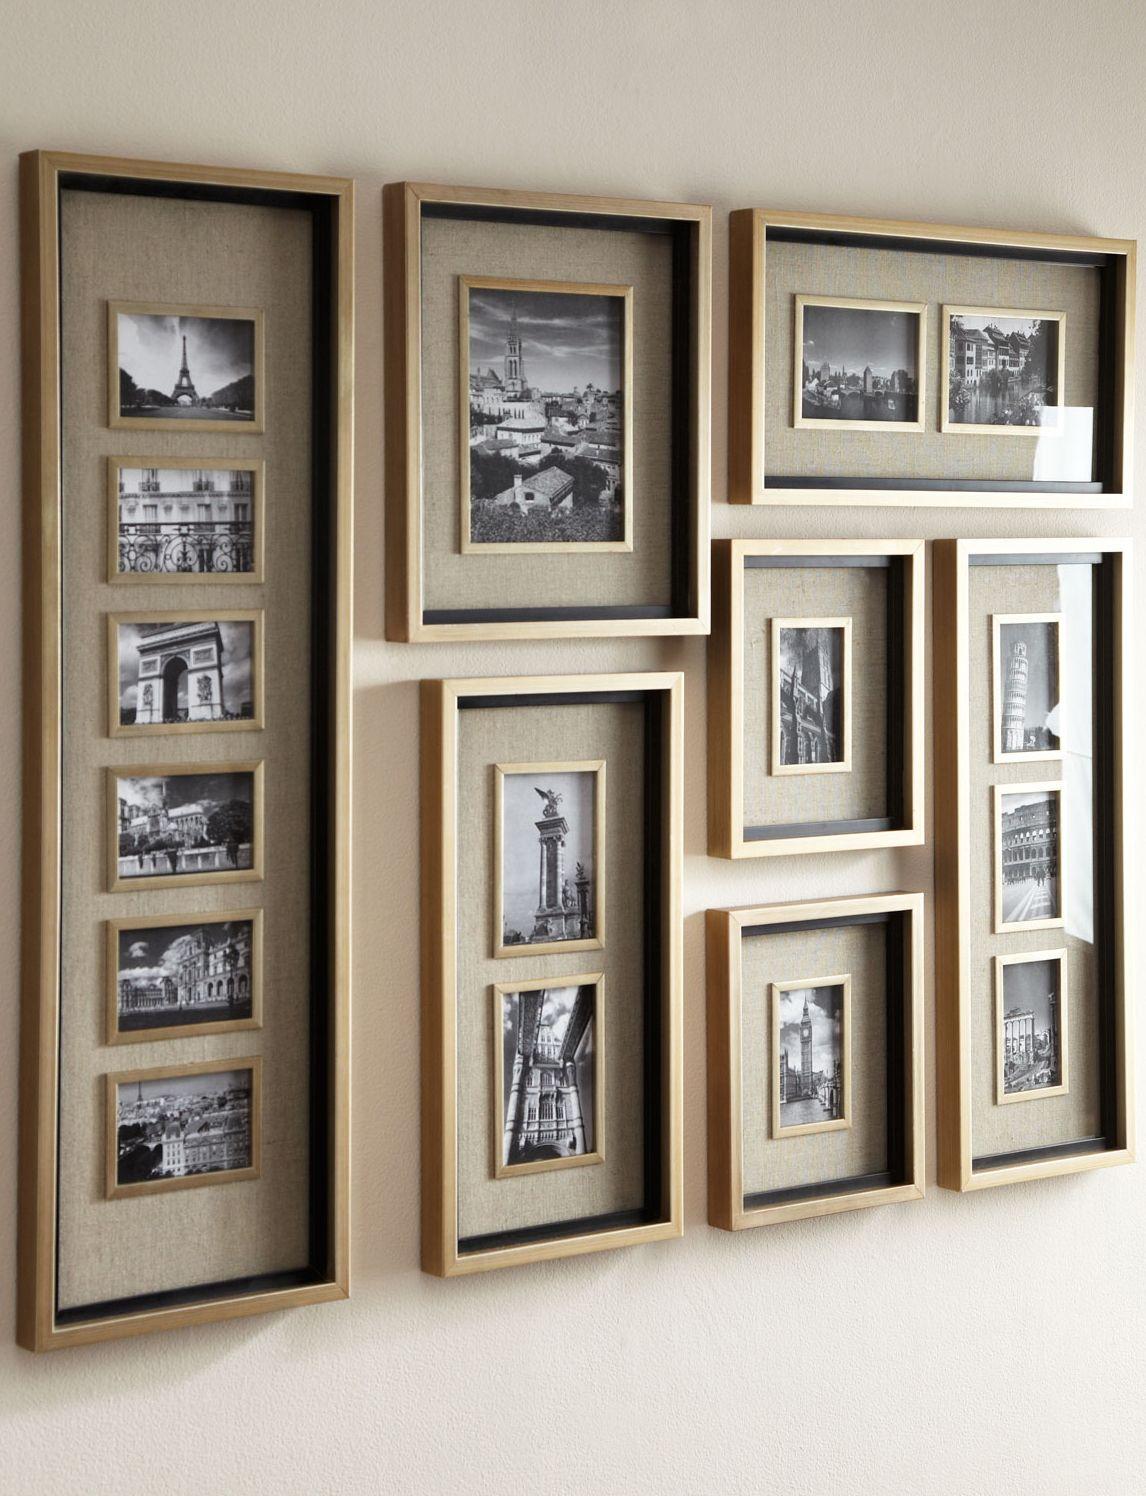 эстафеты фото варианты крепления нескольких картин всё